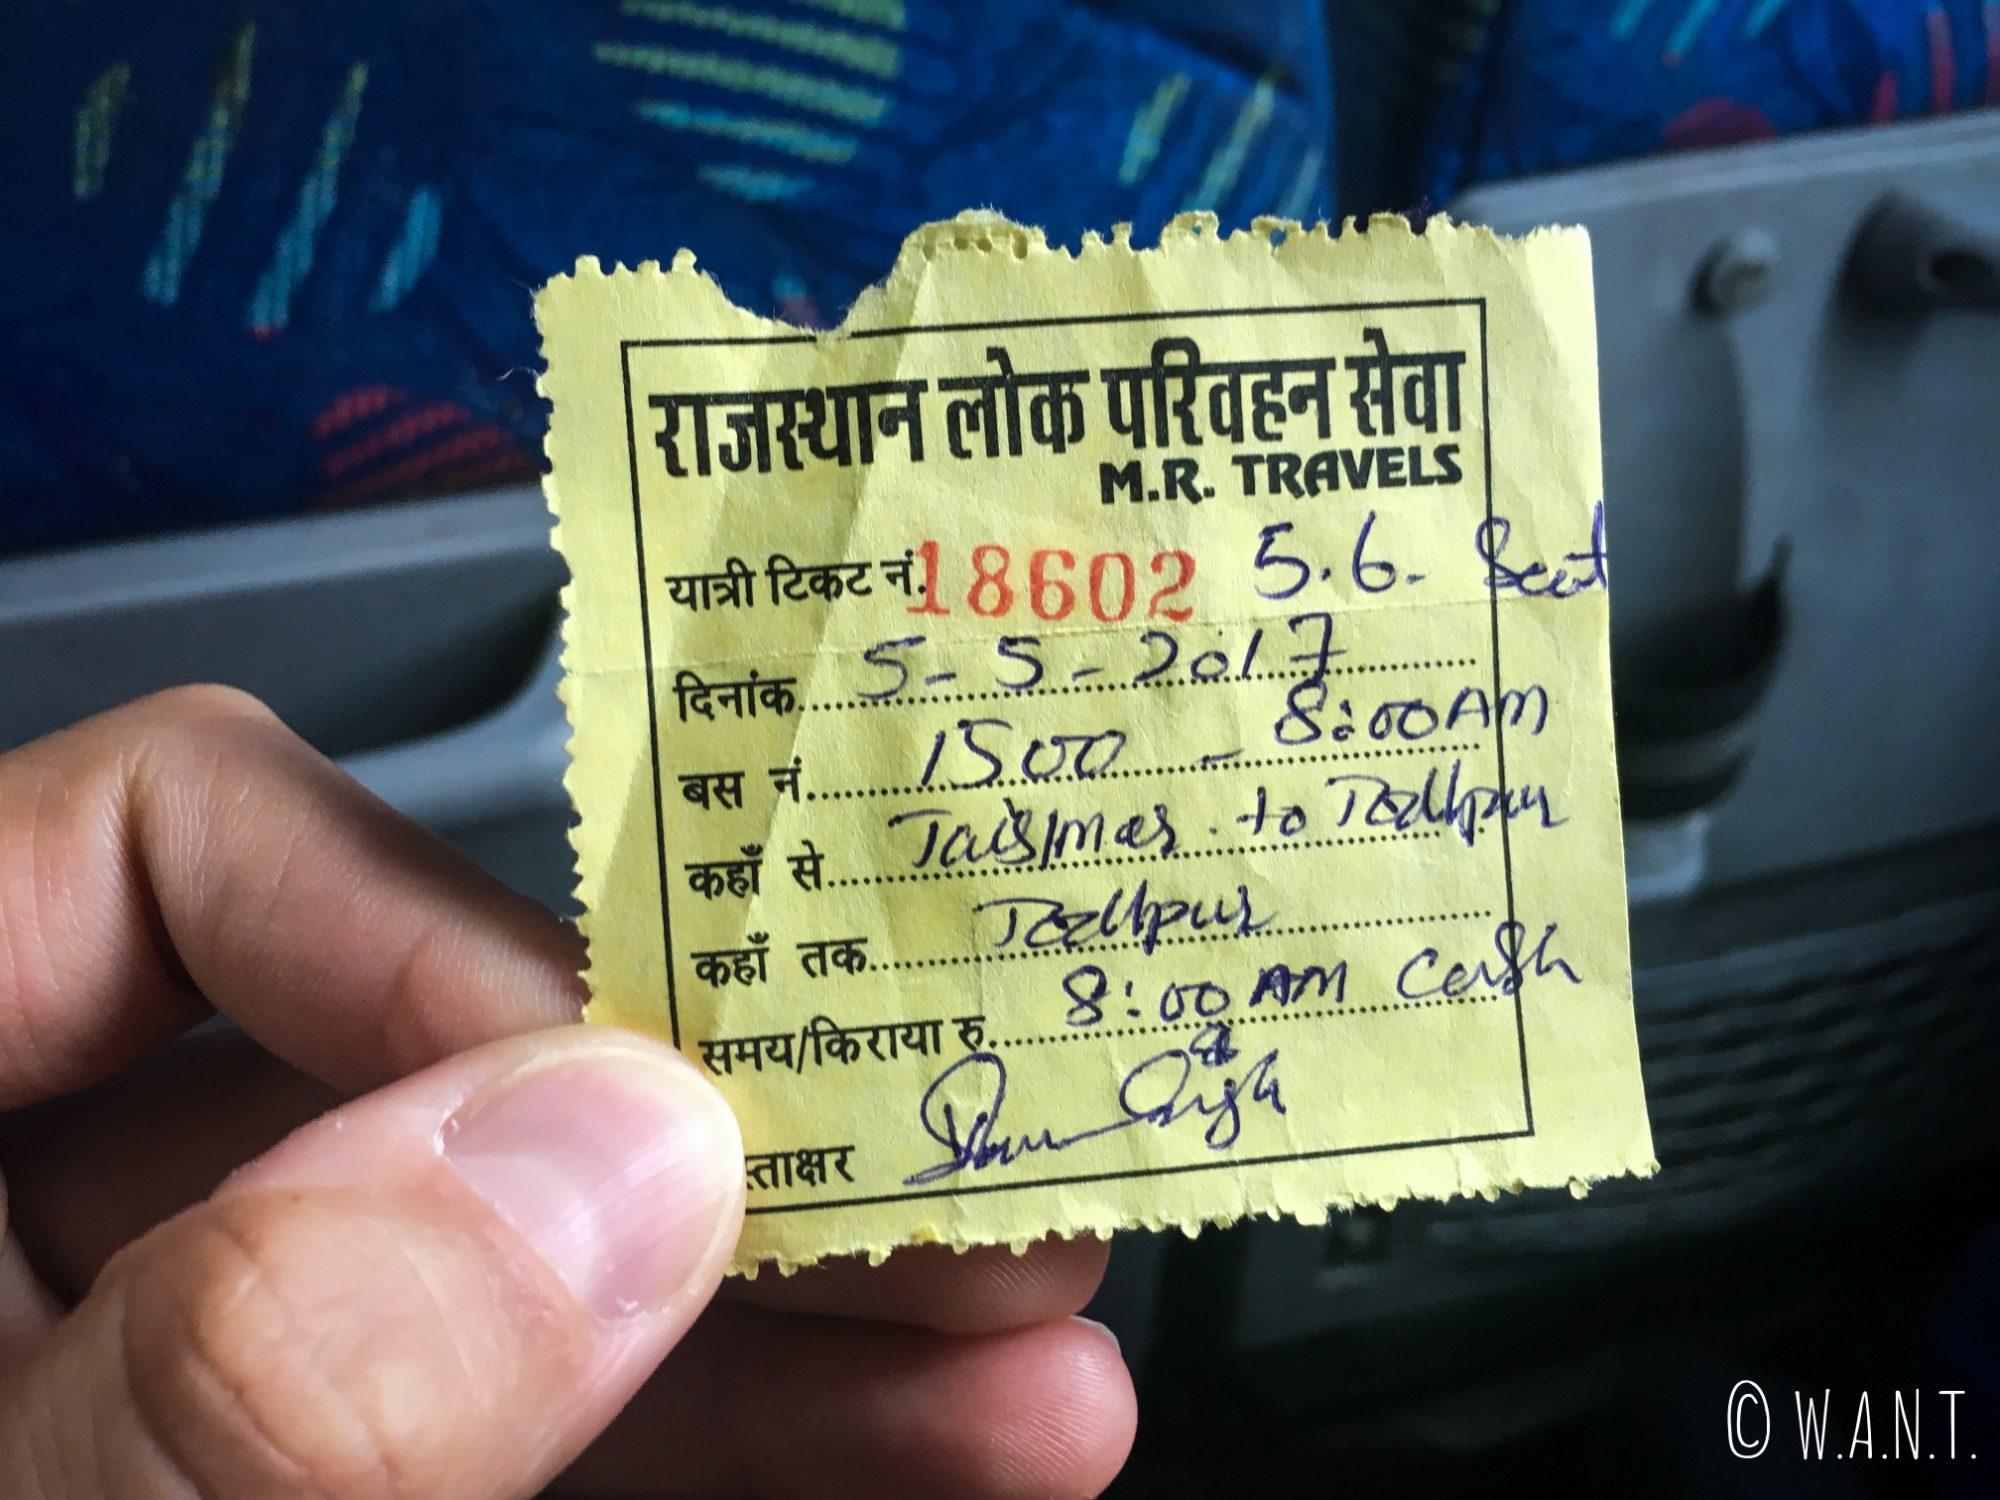 Ticket de bus nous permettant de rejoindre Jaisalmer à Jodhpur en cinq heures